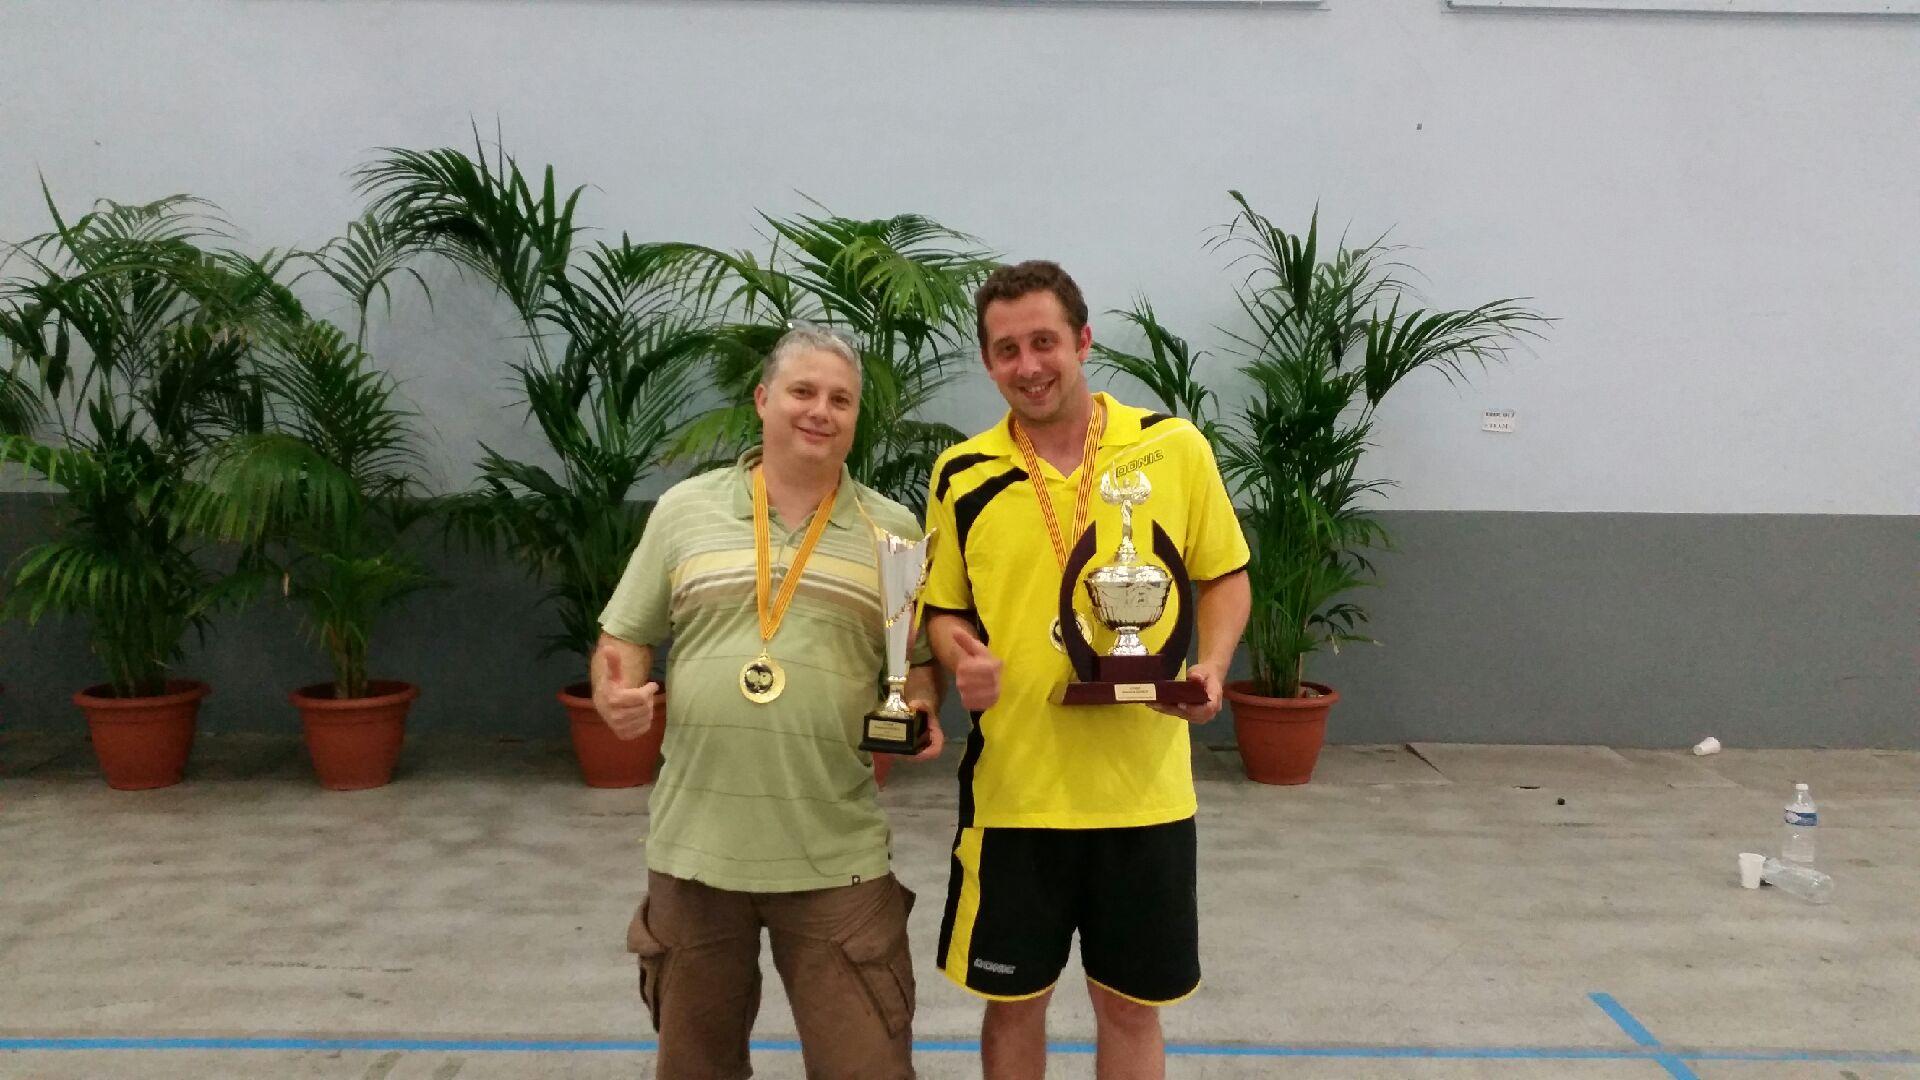 Luc et Patrick vainqueurs de la coupe GORCE